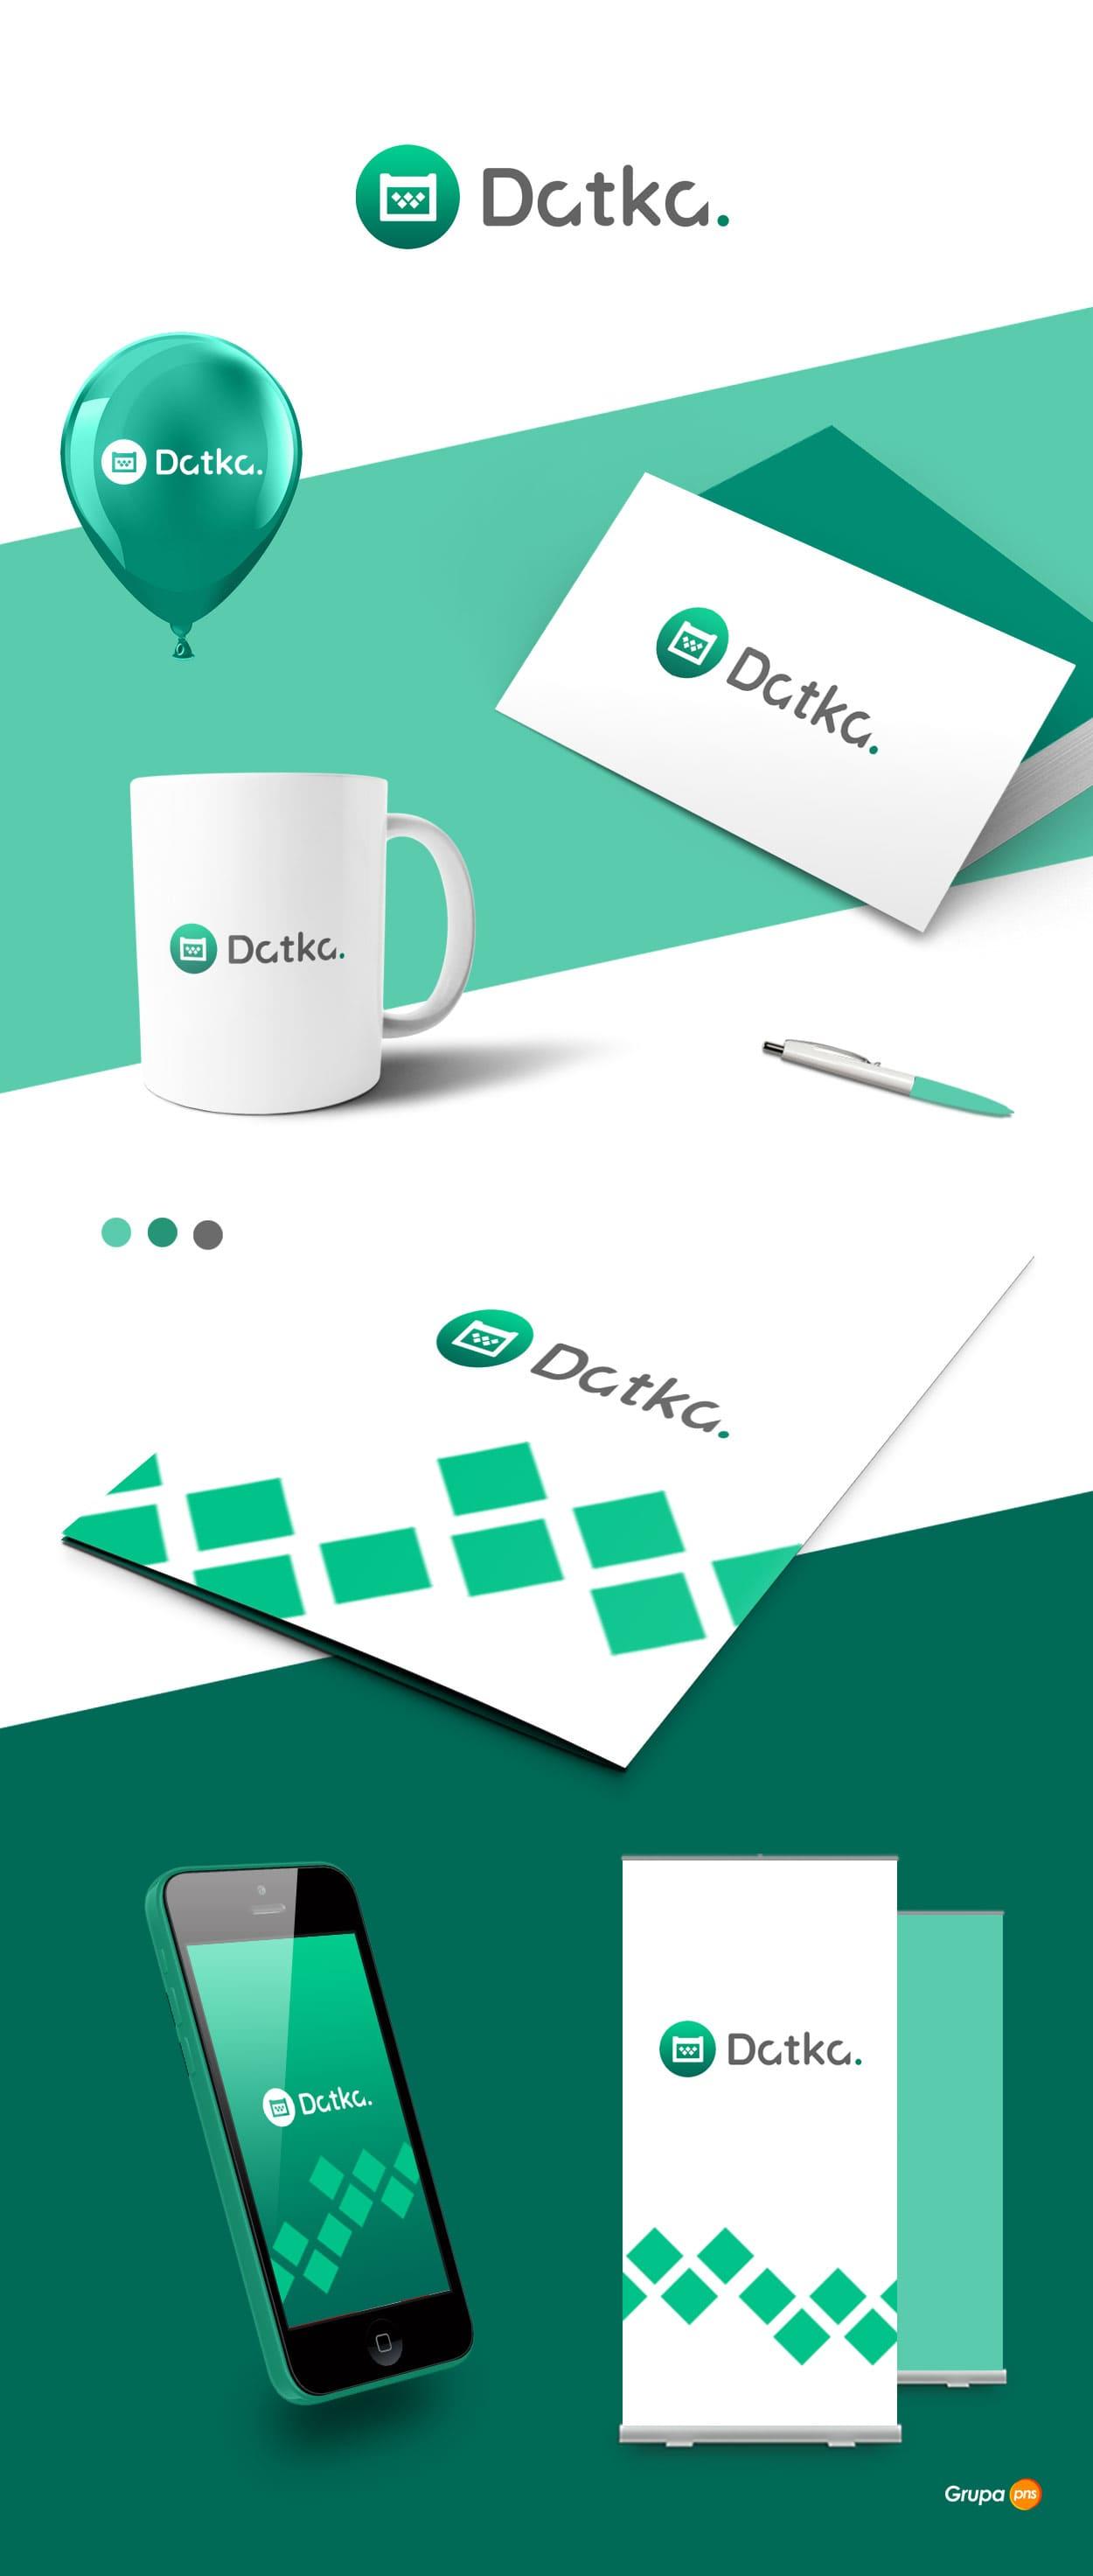 projekt logo dla firmy datka - Projekt logo dla firmy - aplikacja Datka